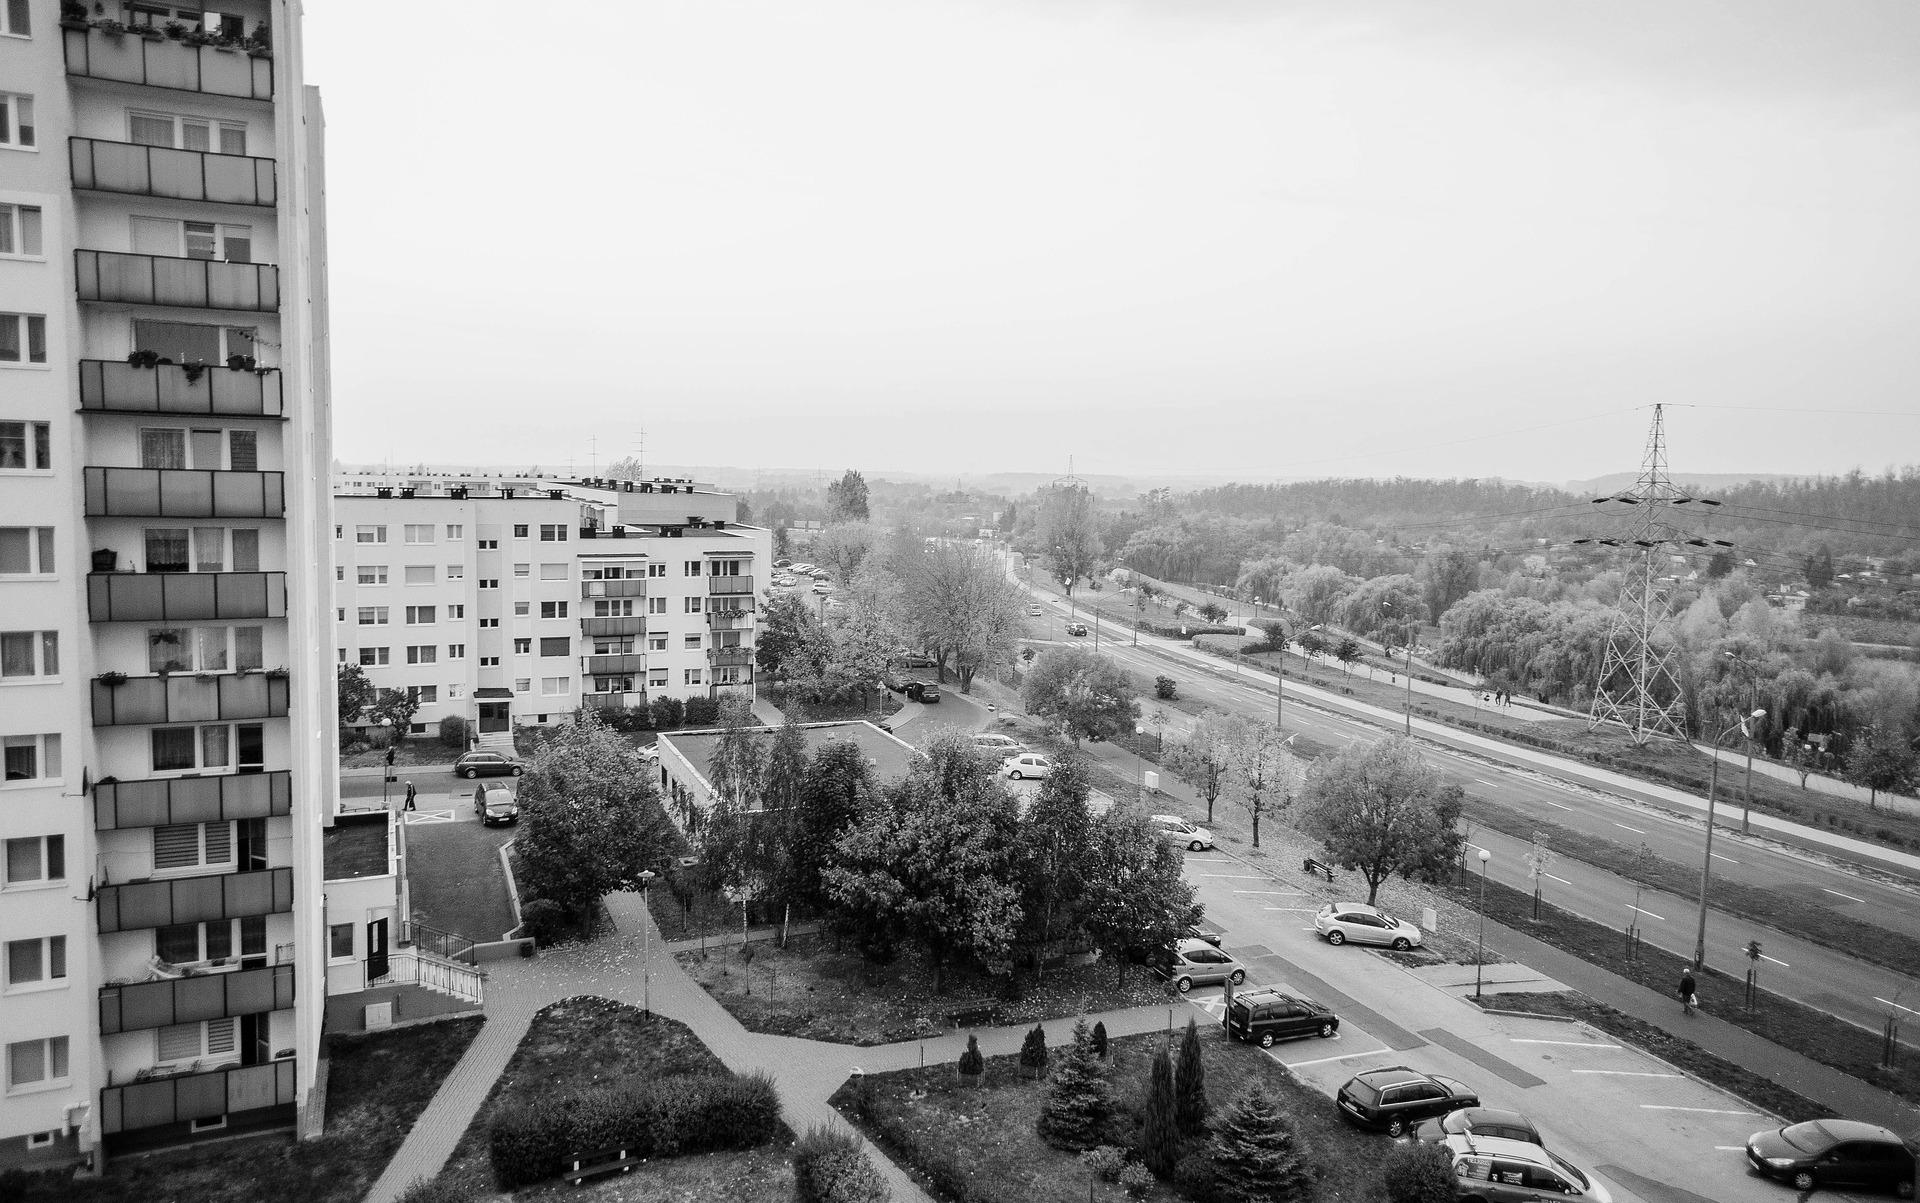 MAKABRYCZNA ŚMIERĆ. Żołnierz wypadł z okna wieżowca! - Zdjęcie główne